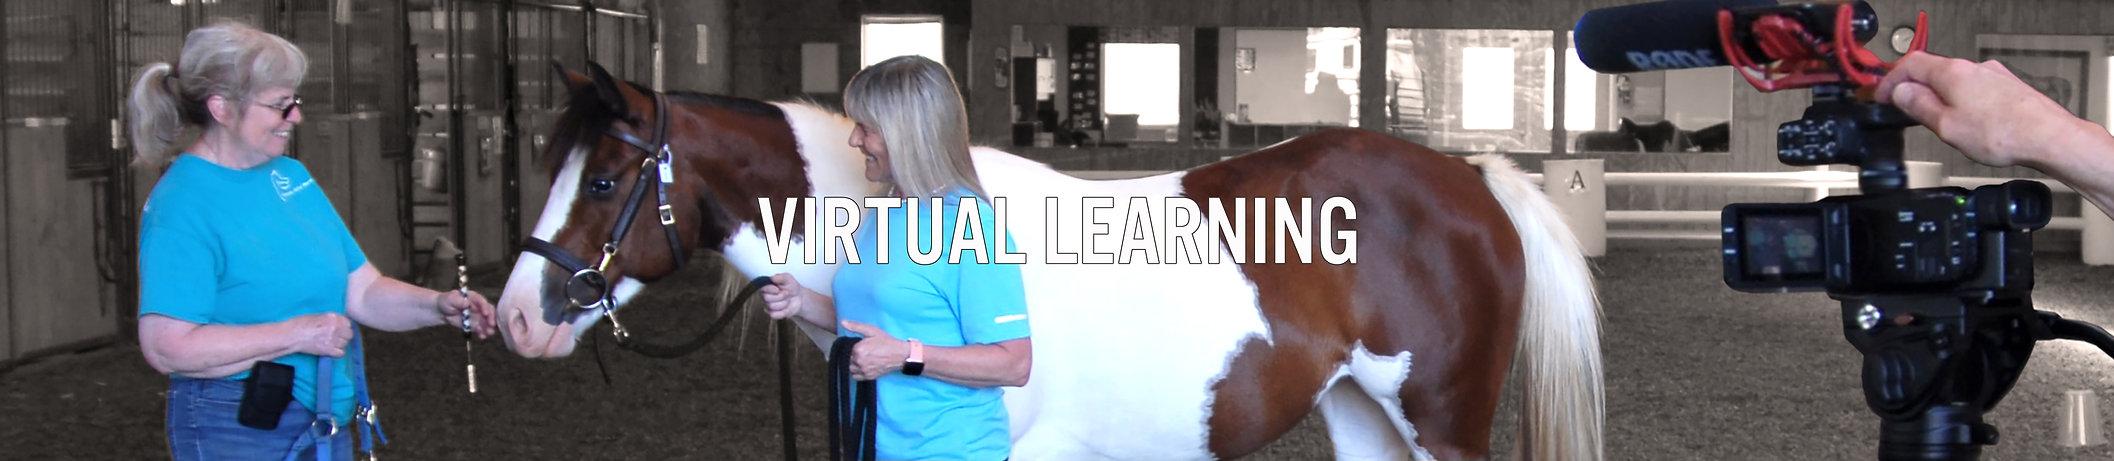 Virtual LearningTEXT2.jpg